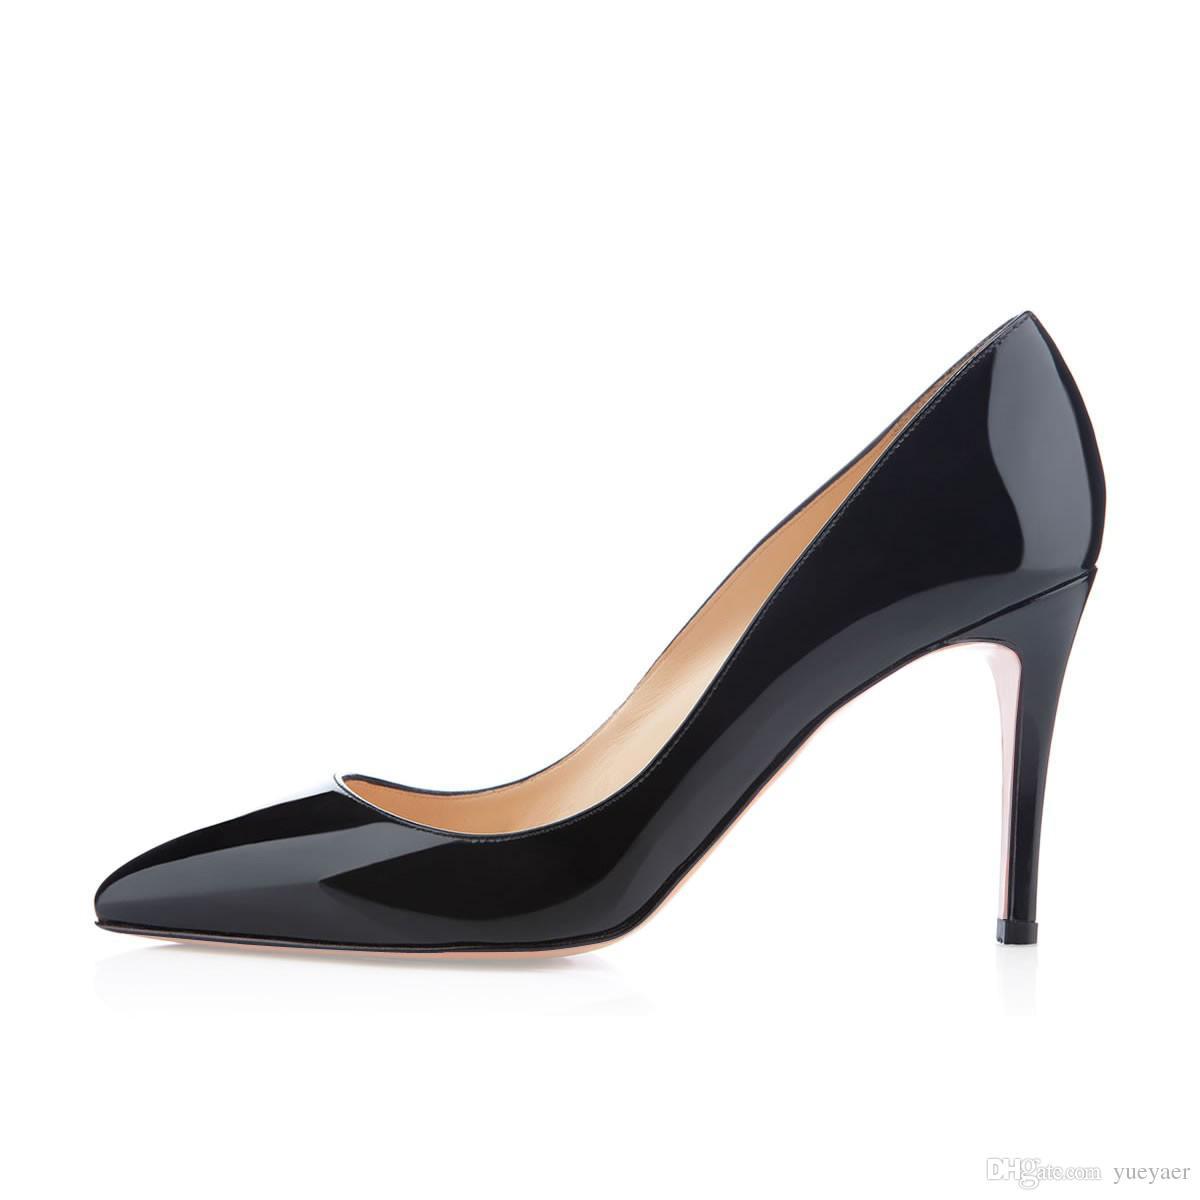 Karmran Bayan Bayanlar El Yapımı Moda Marka Bigalle 85mm Fransız Tarzı Basit Ofis Parti Ayakkabı Siyah Z6289 Pompaları